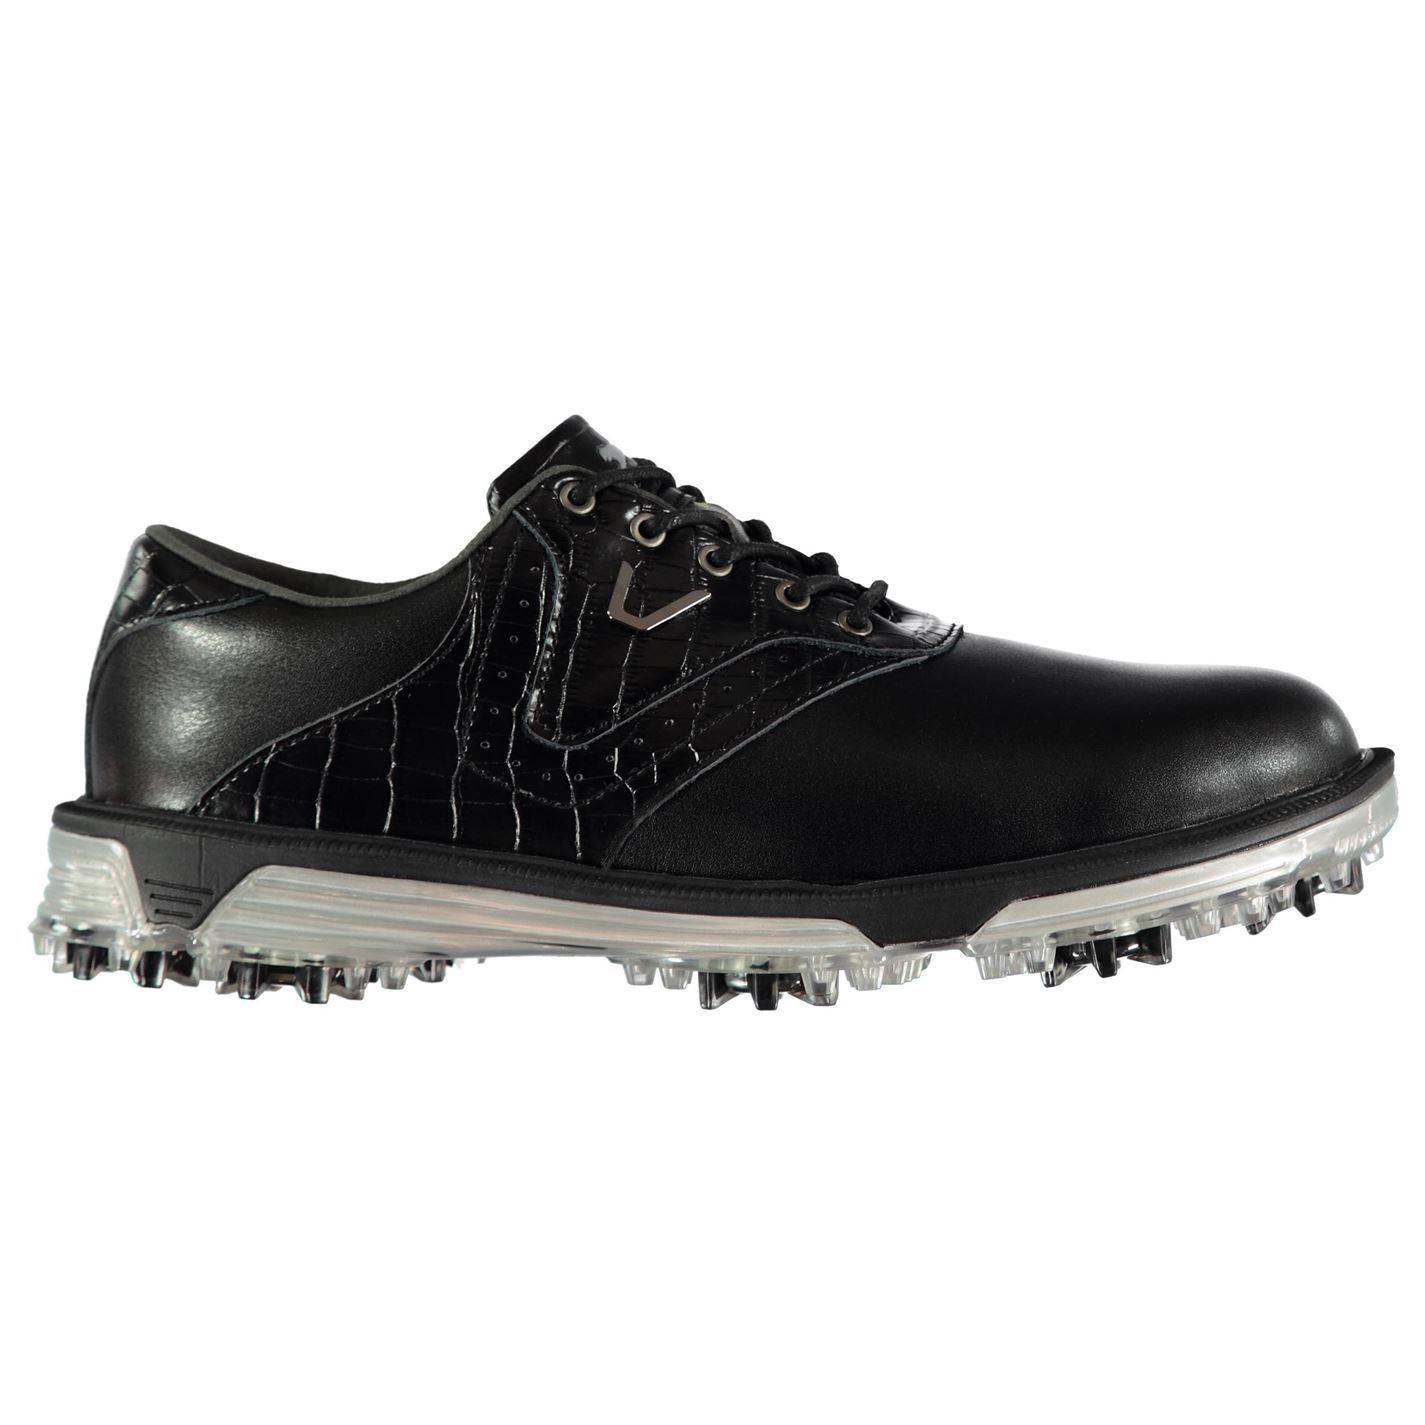 Slazenger-V500-Golf-Shoes-Mens-Spikes-Footwear thumbnail 8